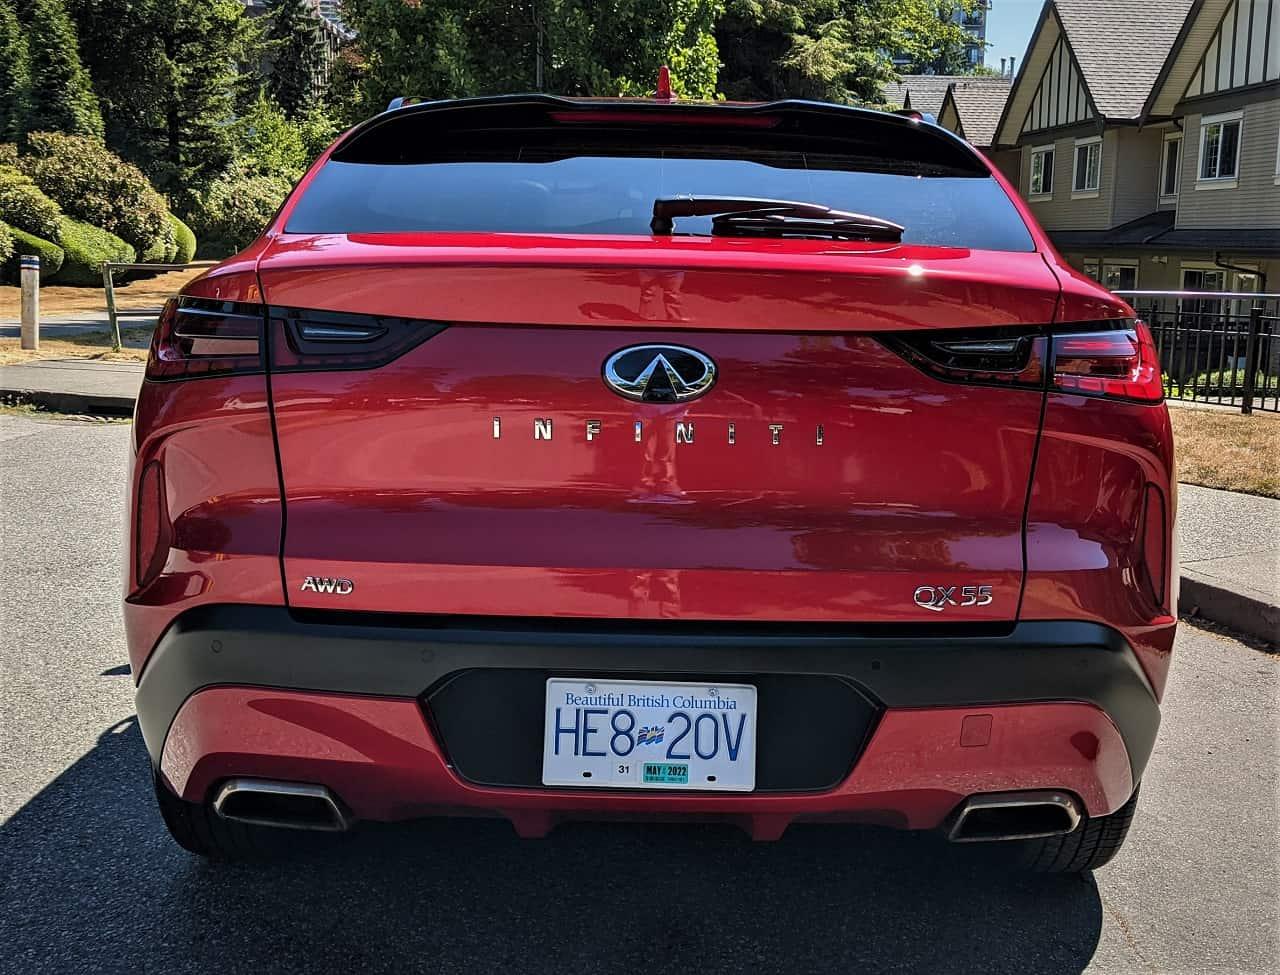 2022 Infiniti QX55 rear